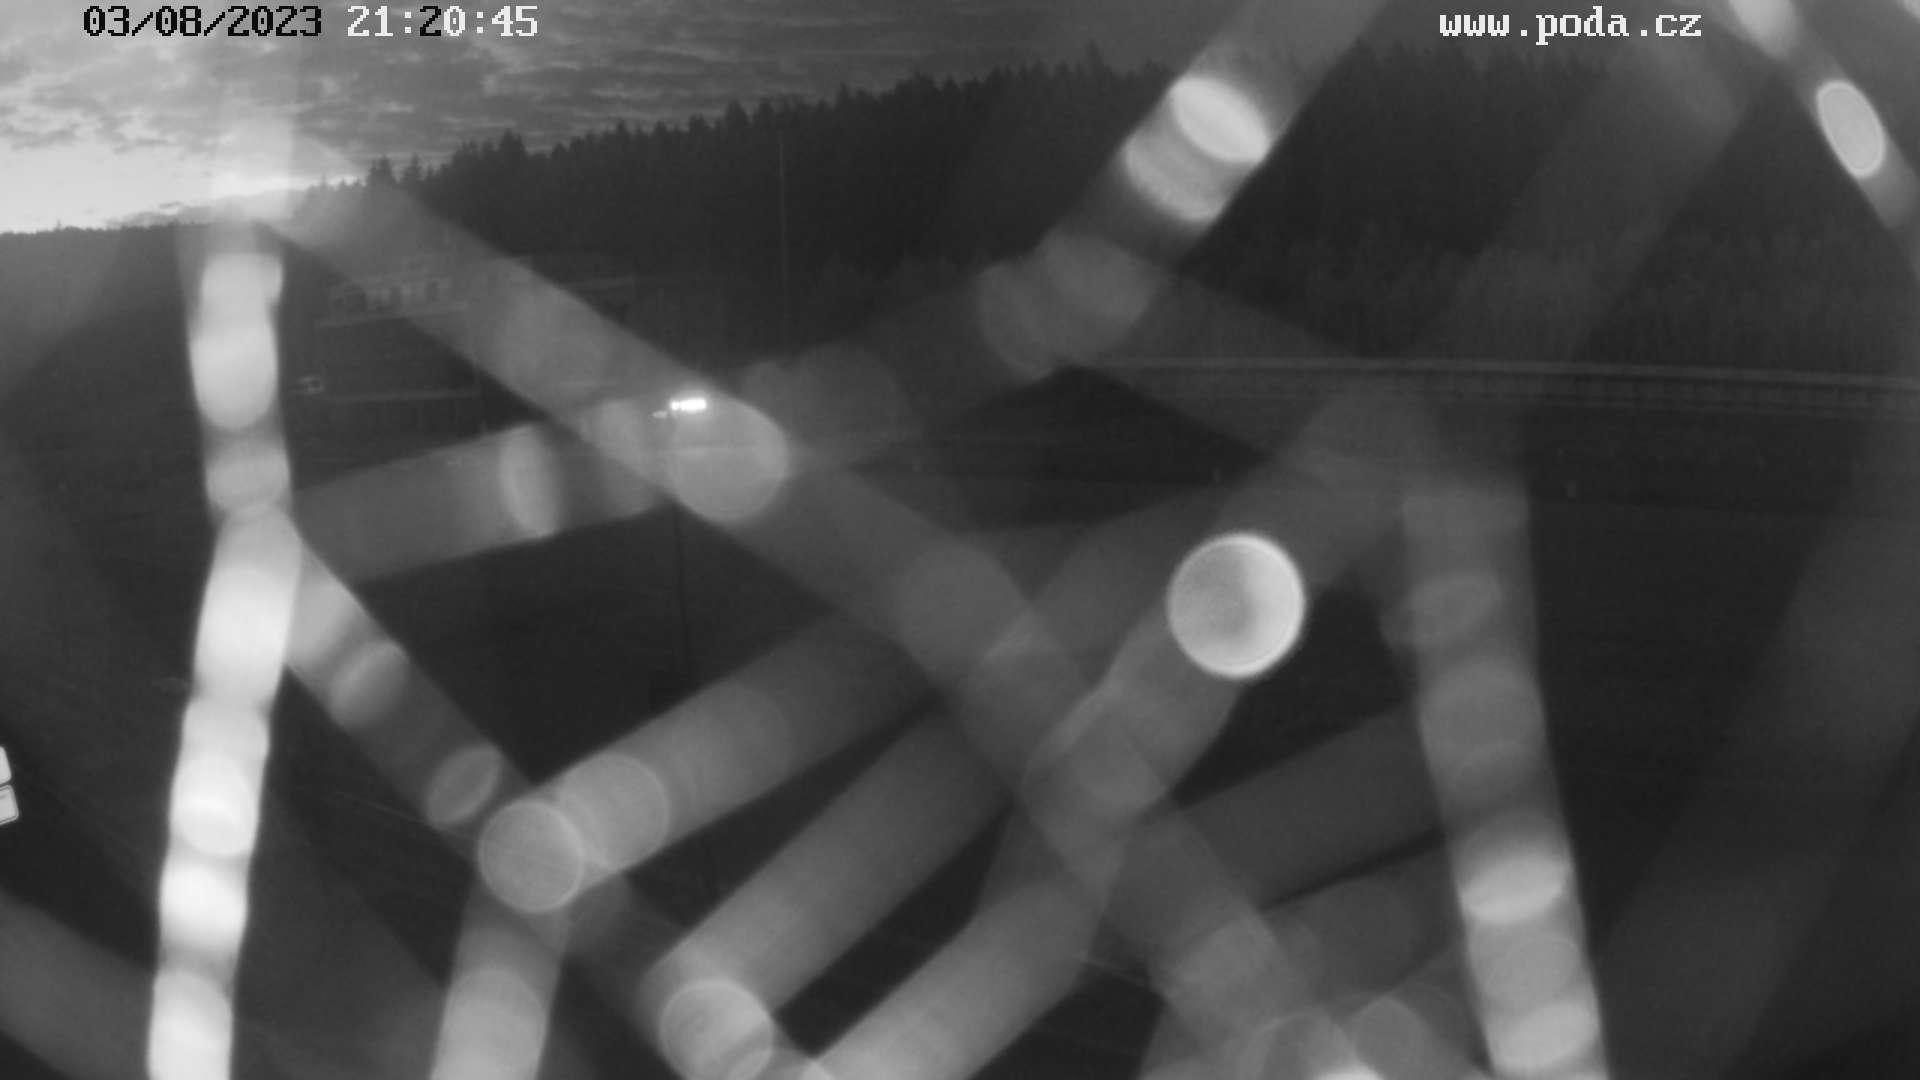 Webkamera Nové Město na Moravě - stadion